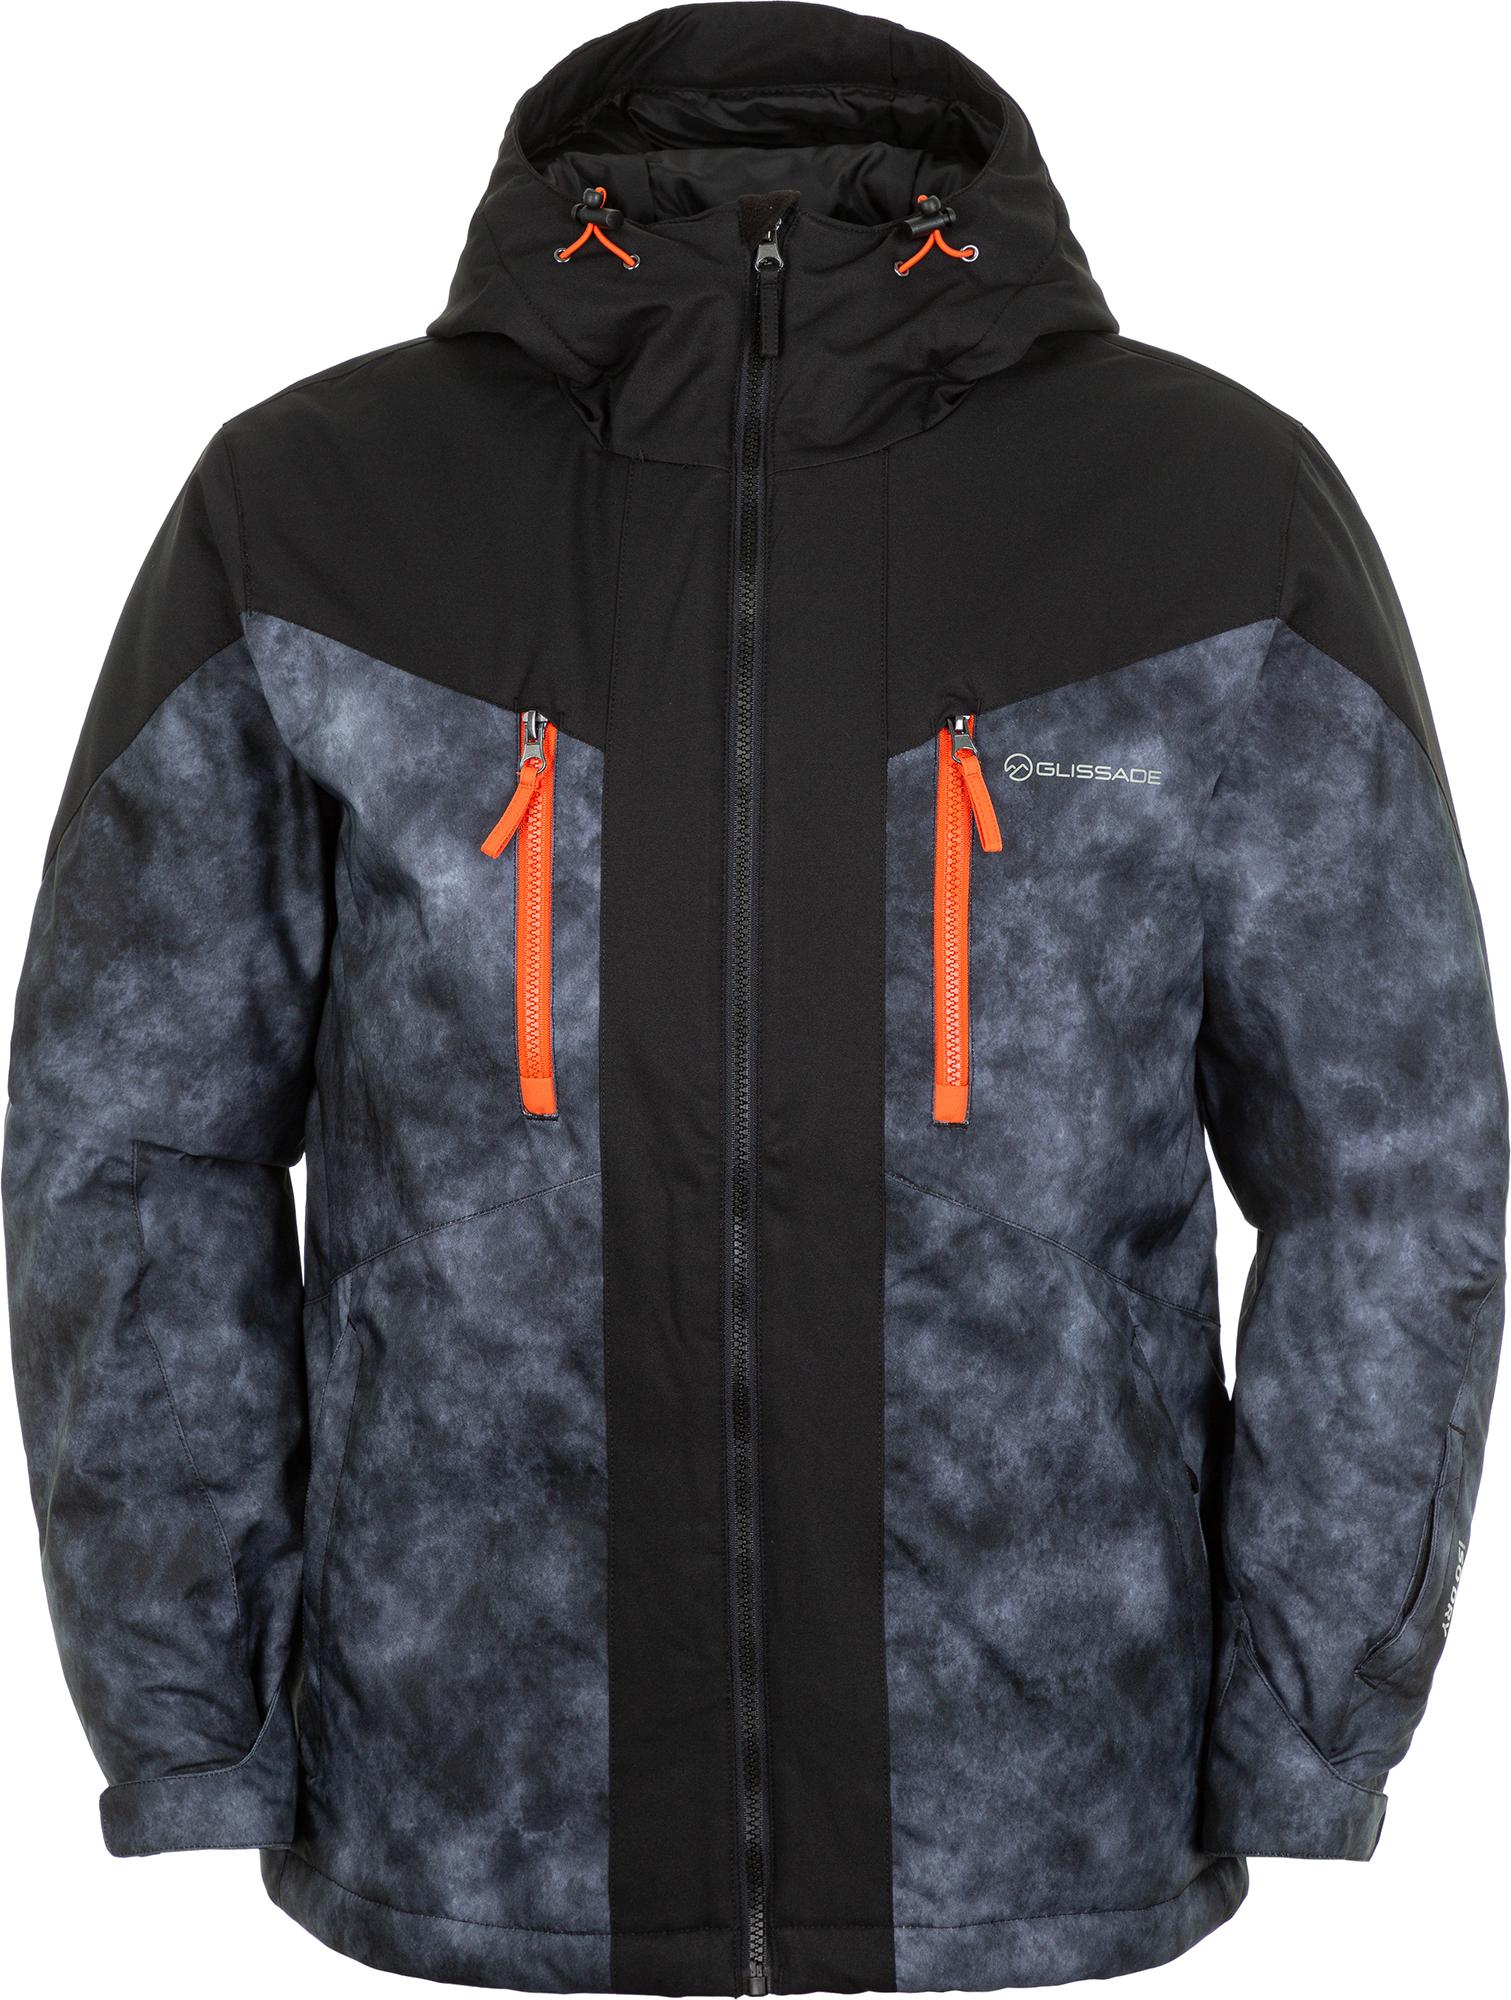 Glissade Куртка утепленная мужская Glissade, размер 44-46 glissade куртка утепленная мужская glissade размер 56 58